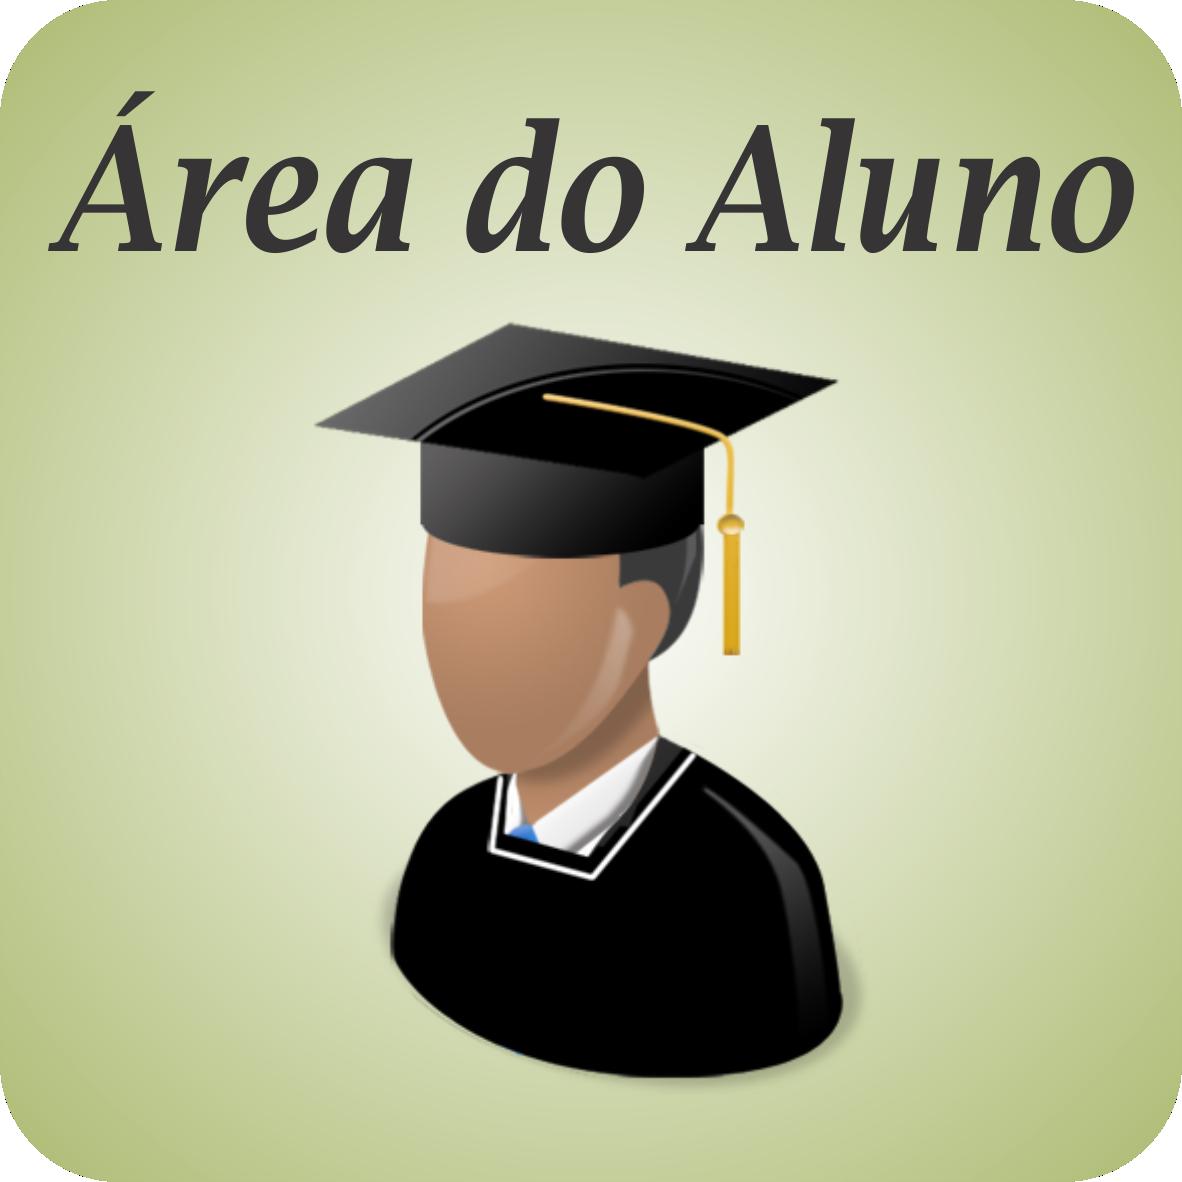 area-do-aluno